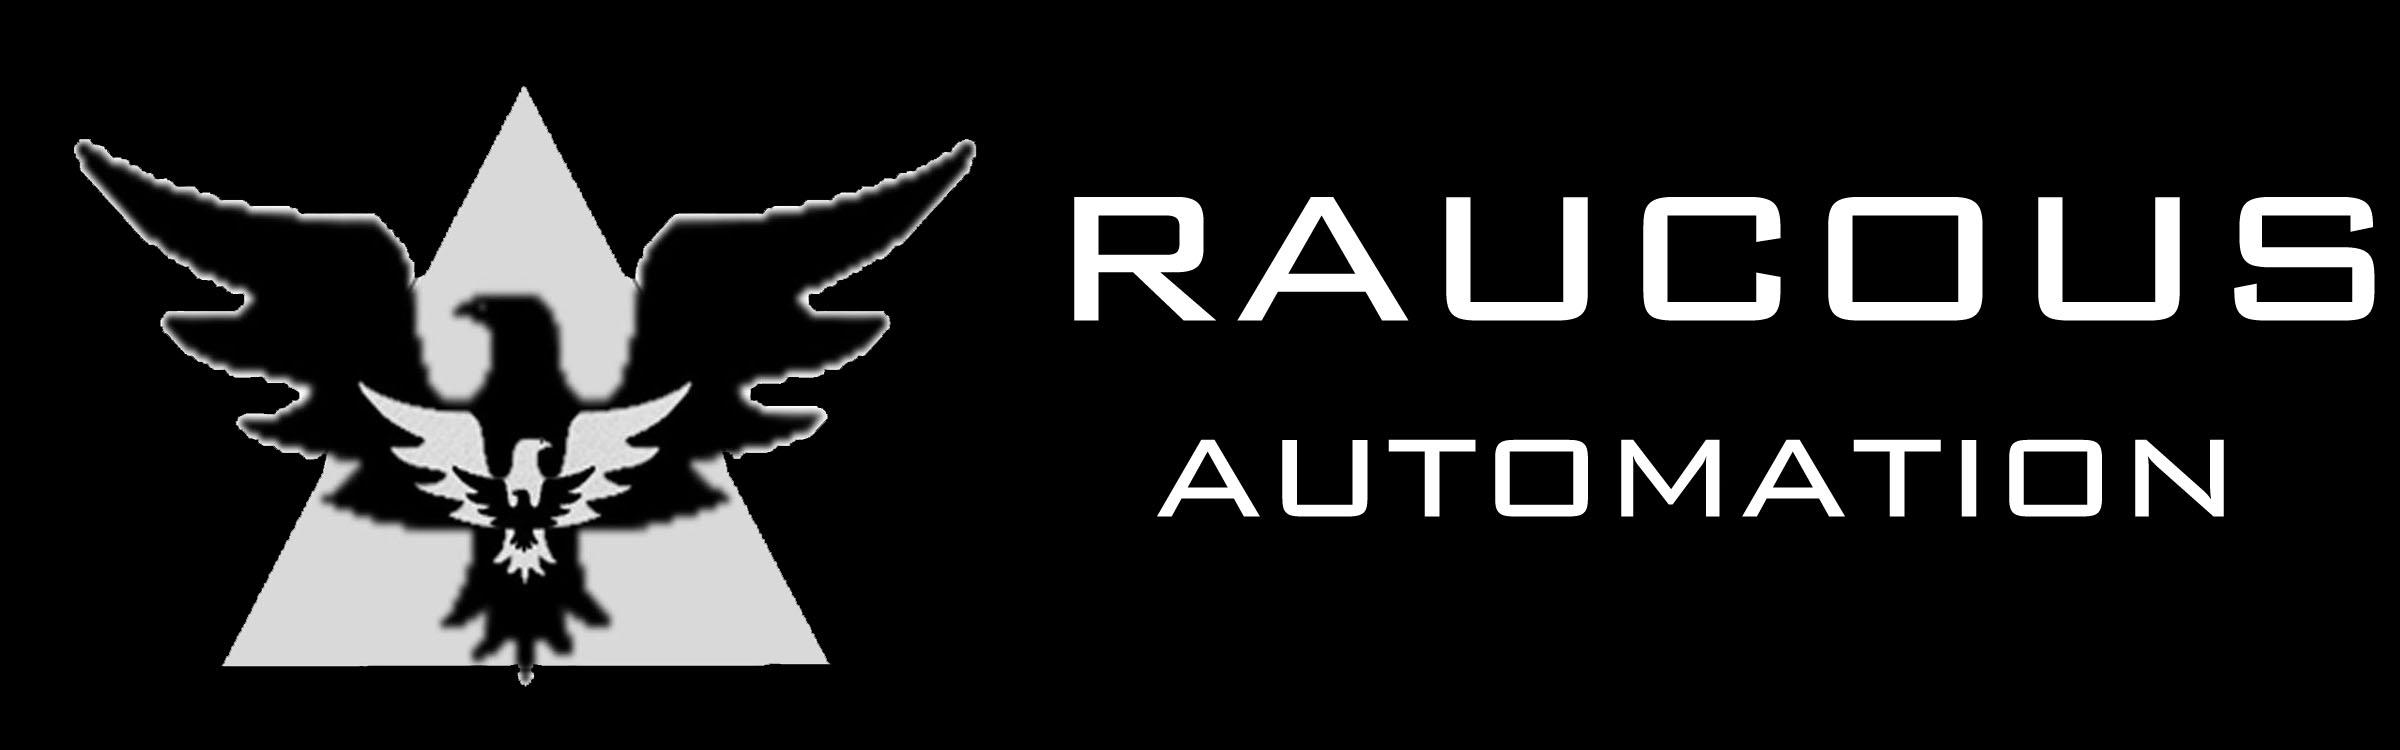 Raucous Automation